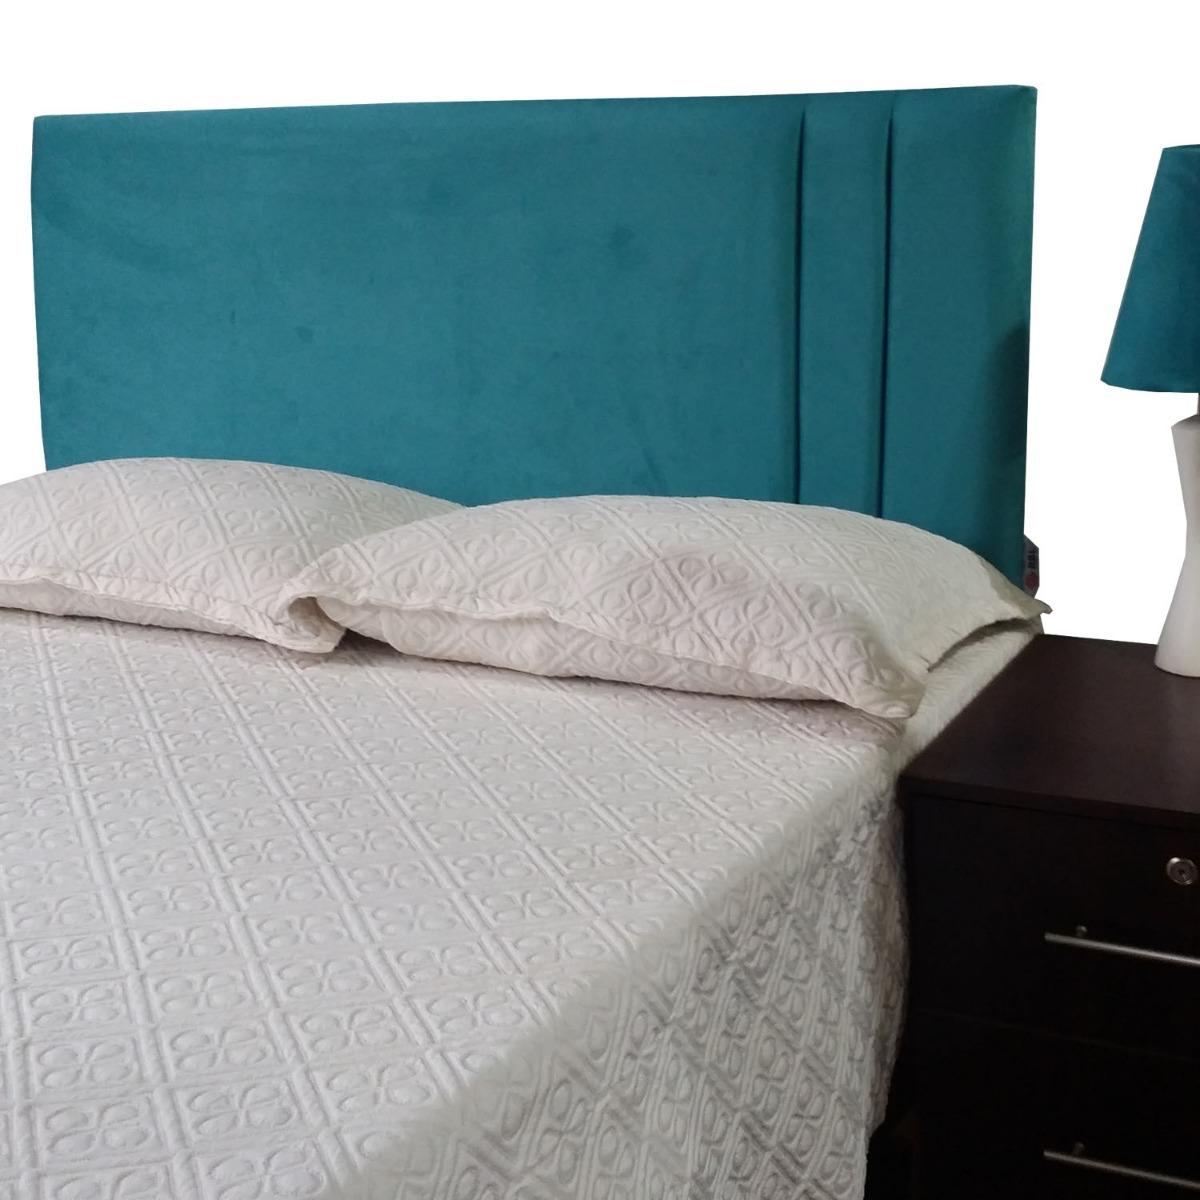 26b2488ad cabeceira suede frete gratis  cama box solteiro 90 x 60 rbl. Carregando zoom .